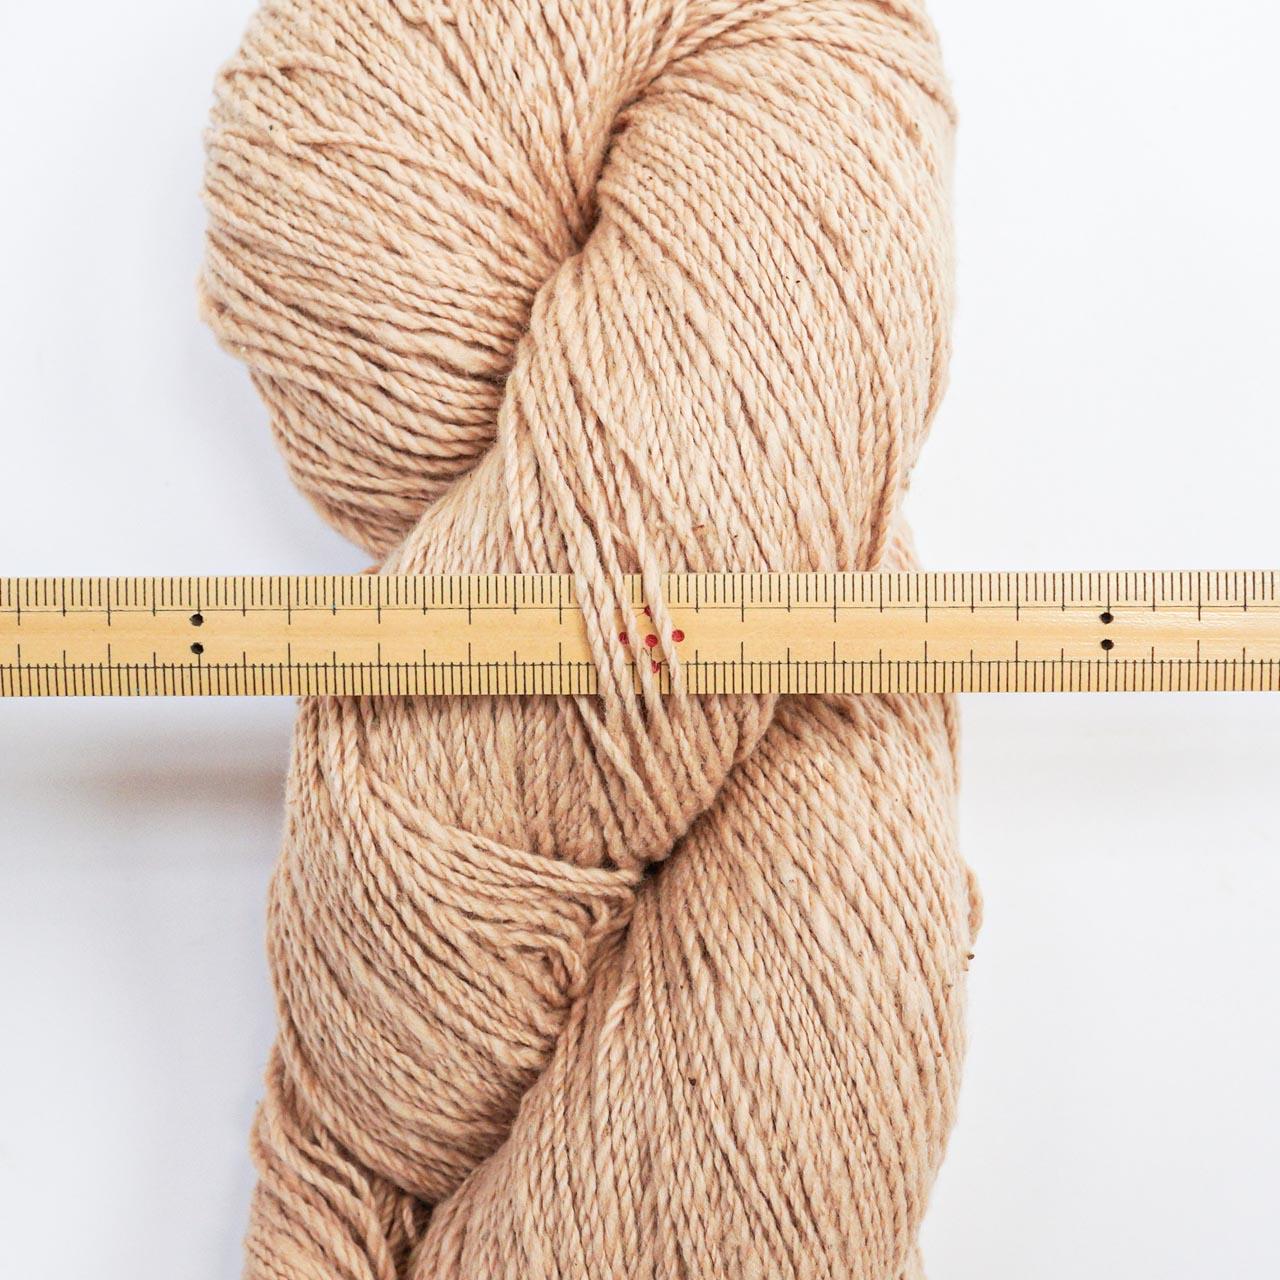 ガラ紡糸|317/2番手糸 茶綿 100g